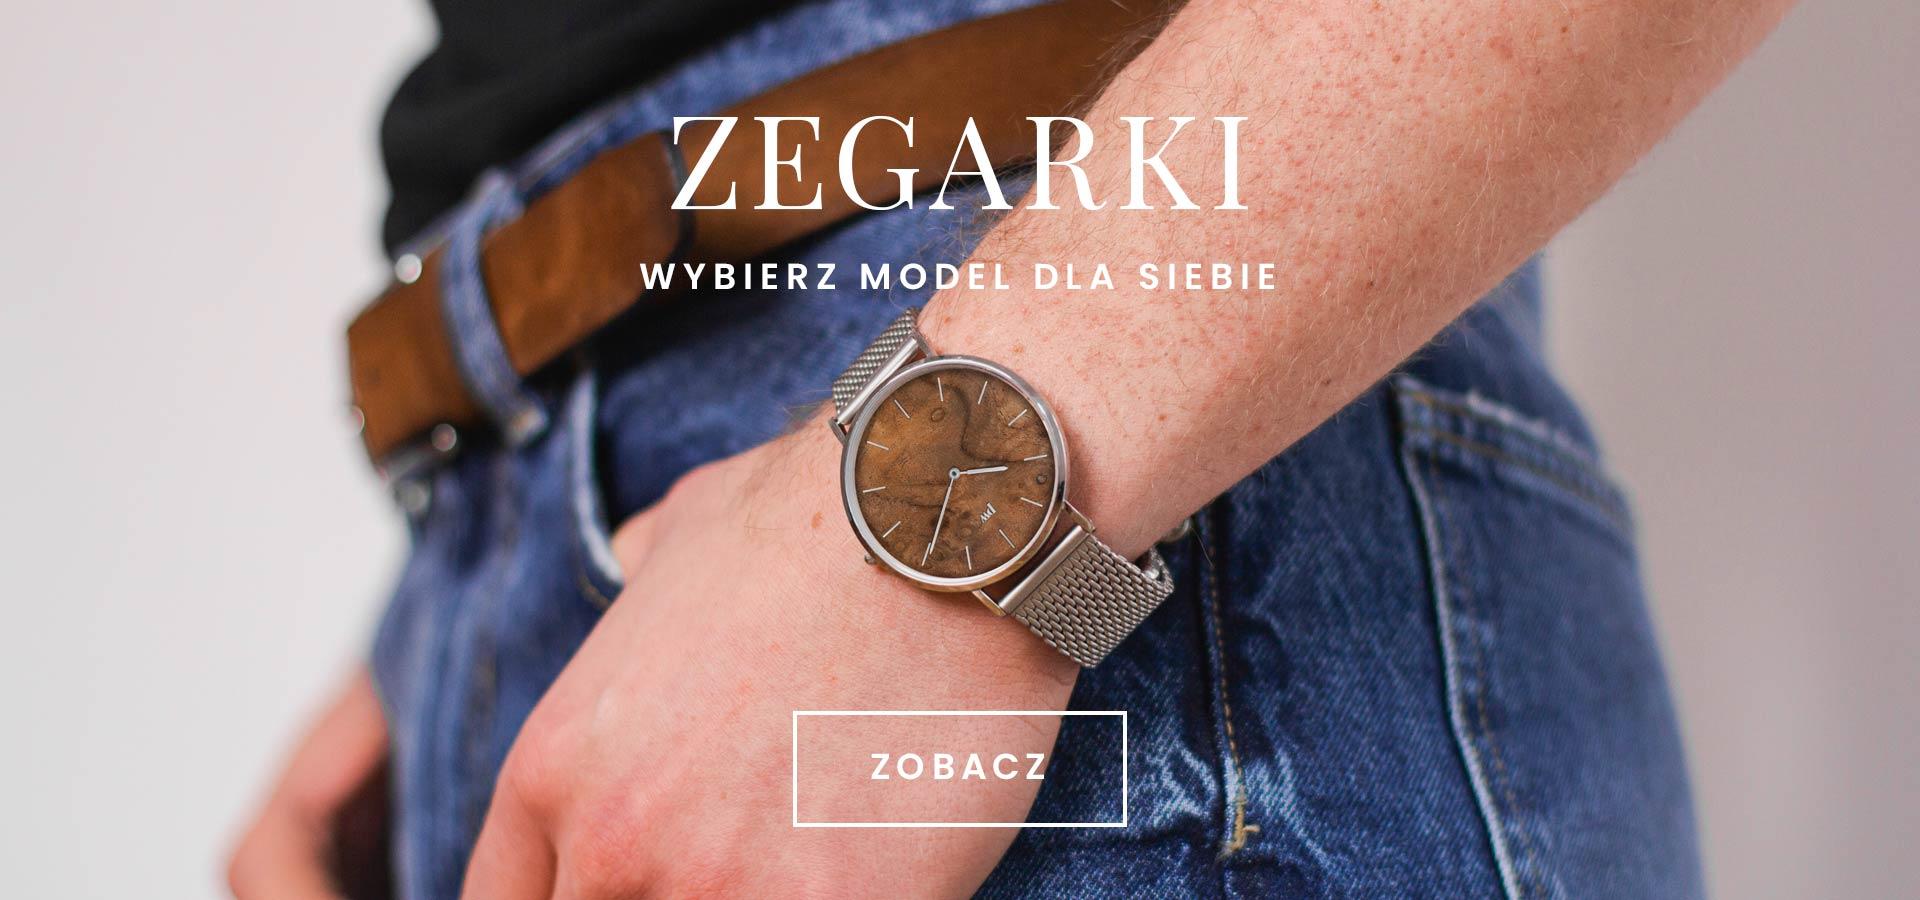 SG_zegarki_1920x900